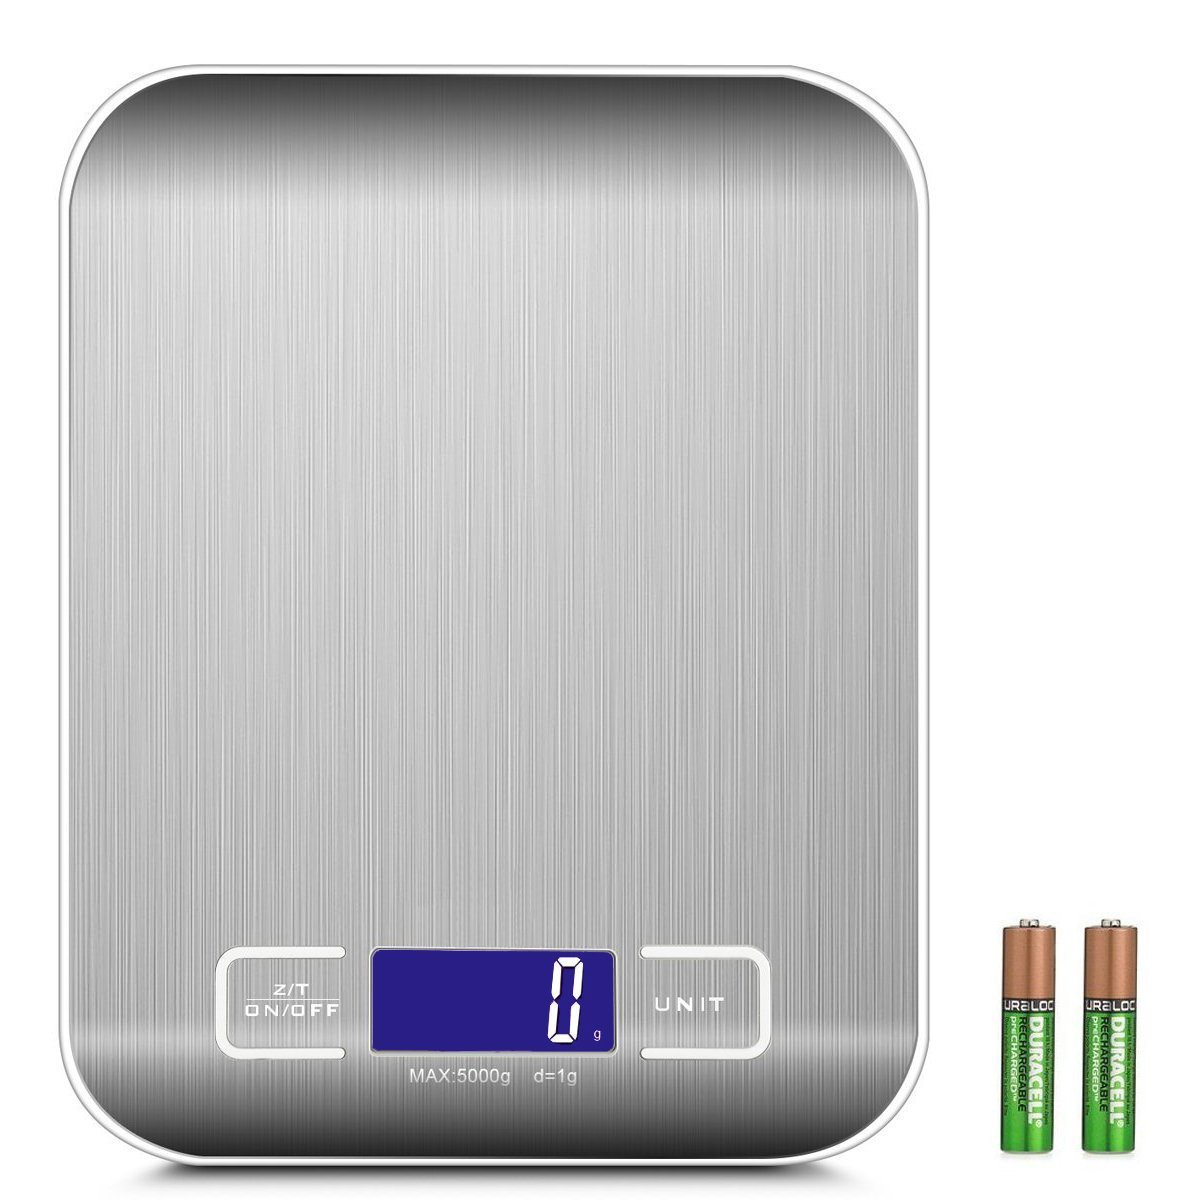 Digitale Precisie Keuken Weegschaal - Tarra Functie-Tot 5000 Gram ( 5kg )-Inclusief Batterijen